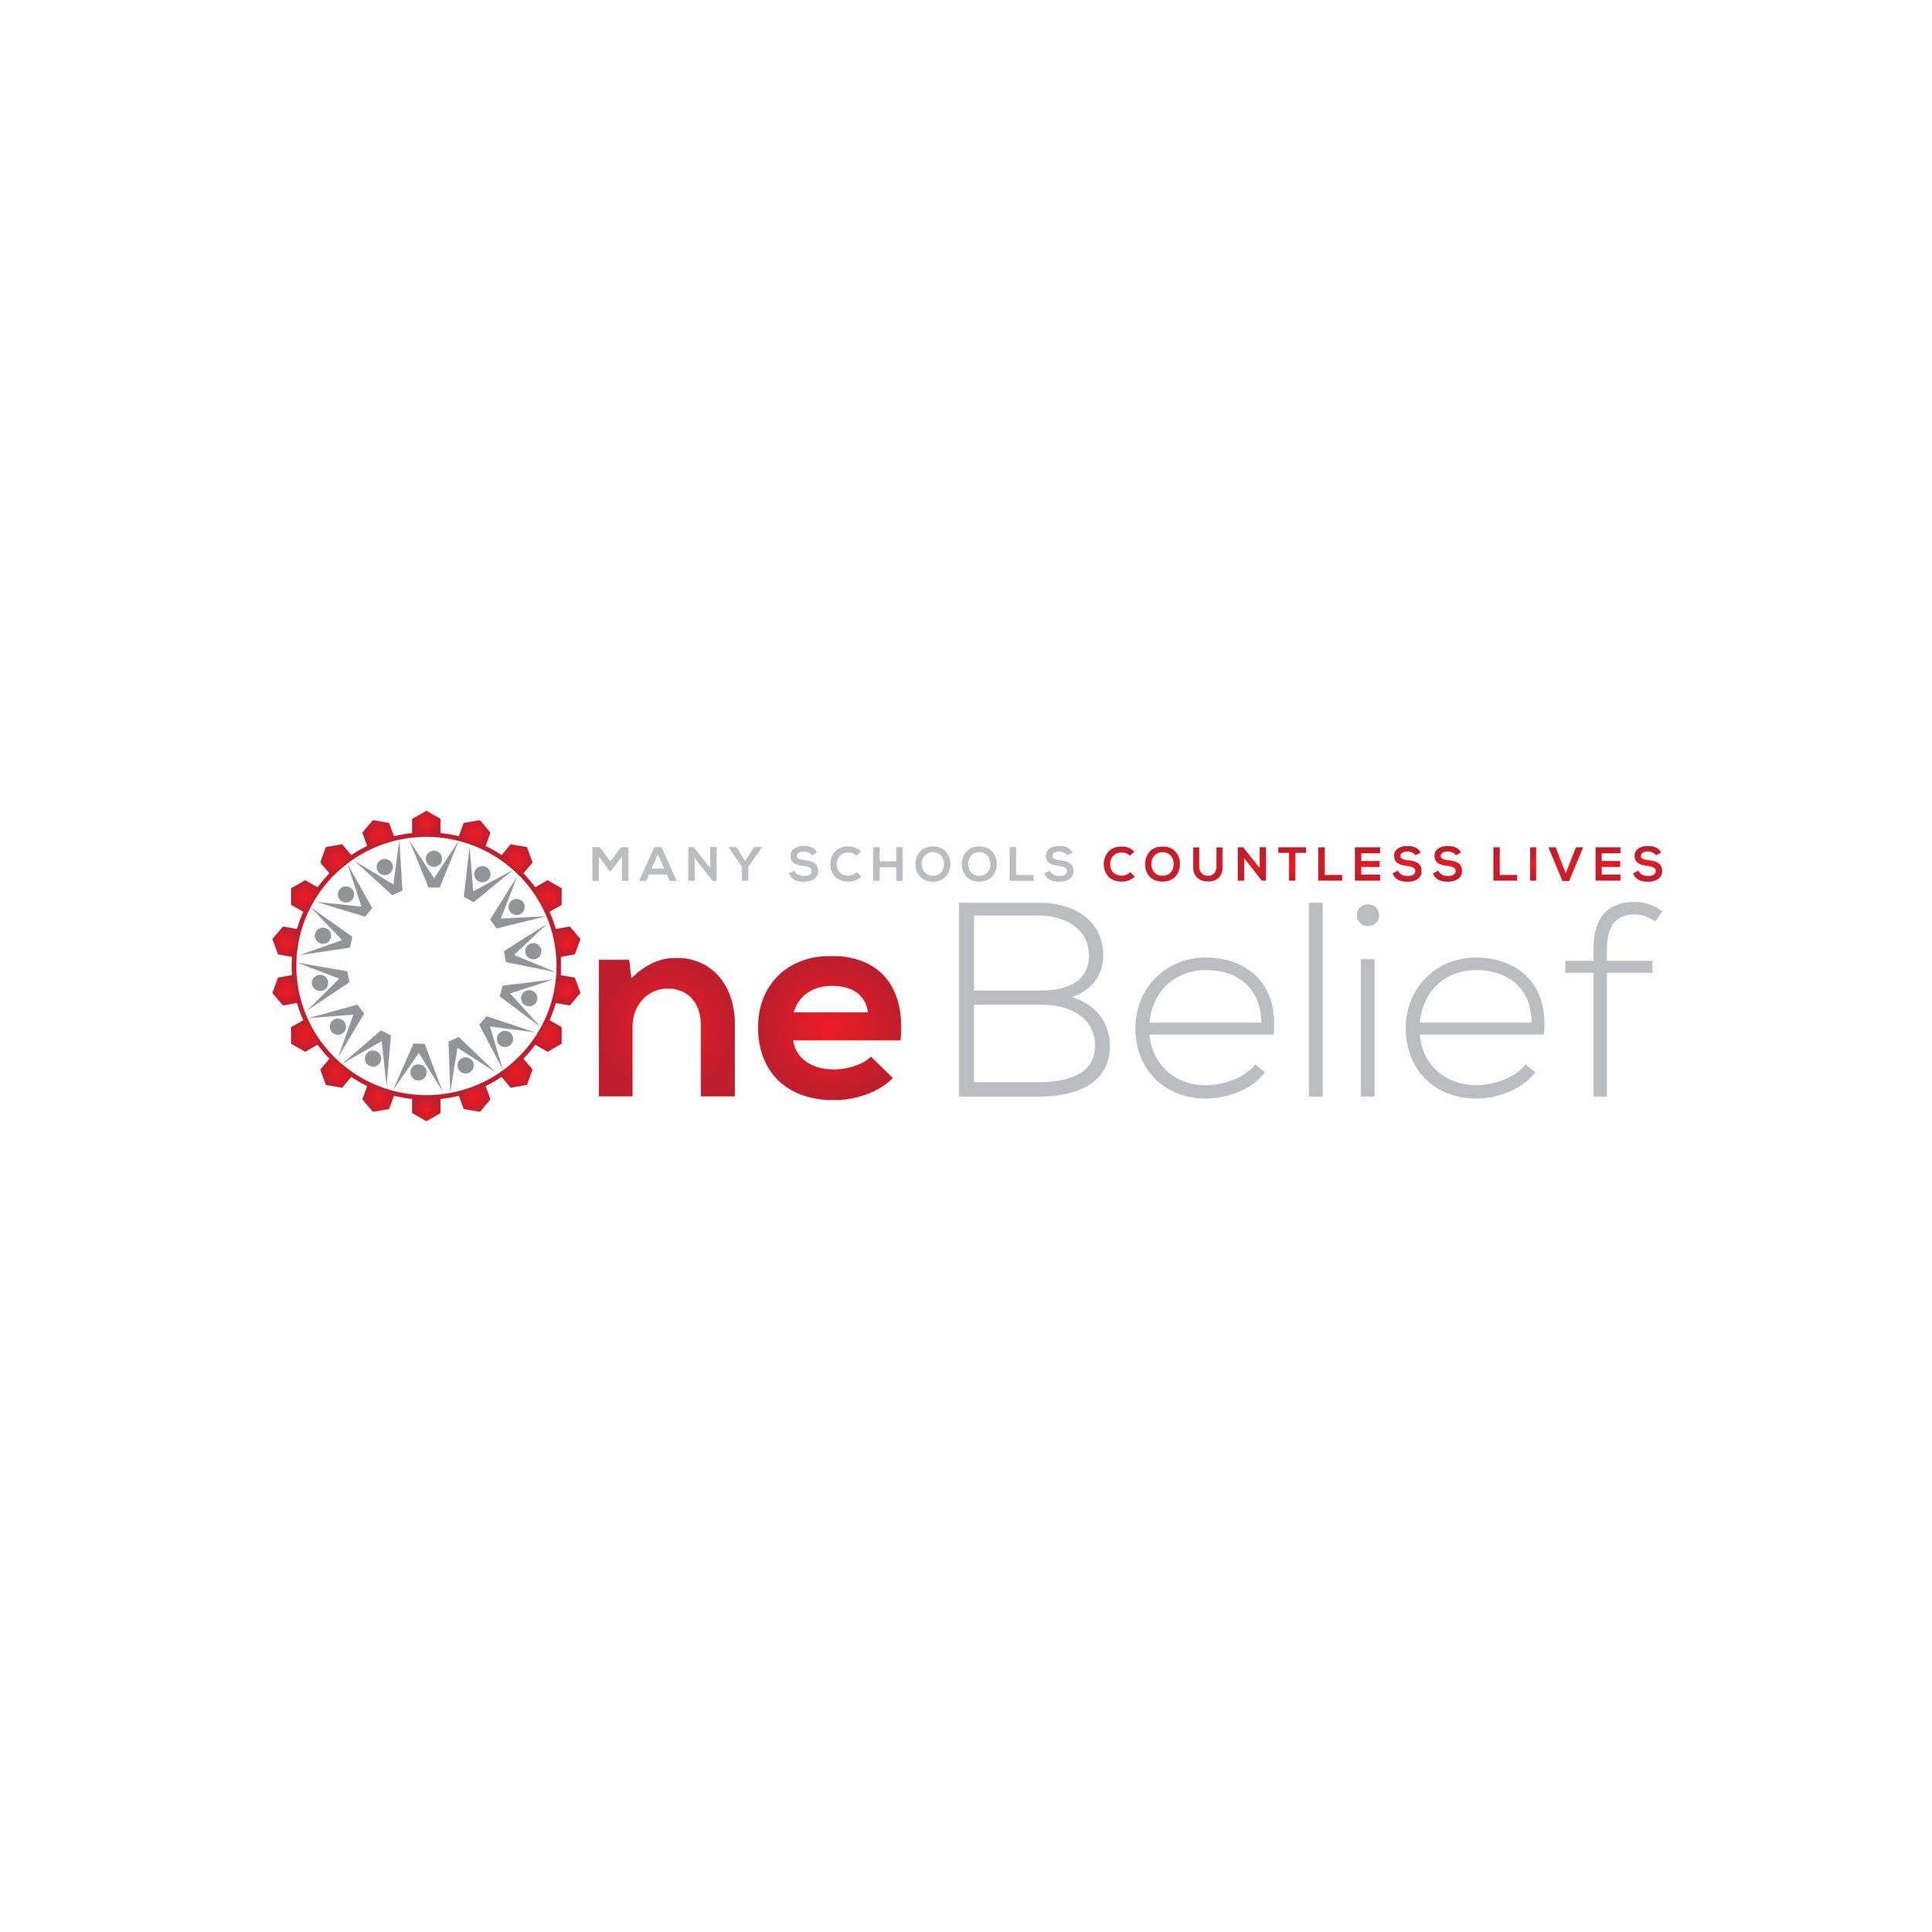 16425_one_belief_logo_HV_02 (1).jpg